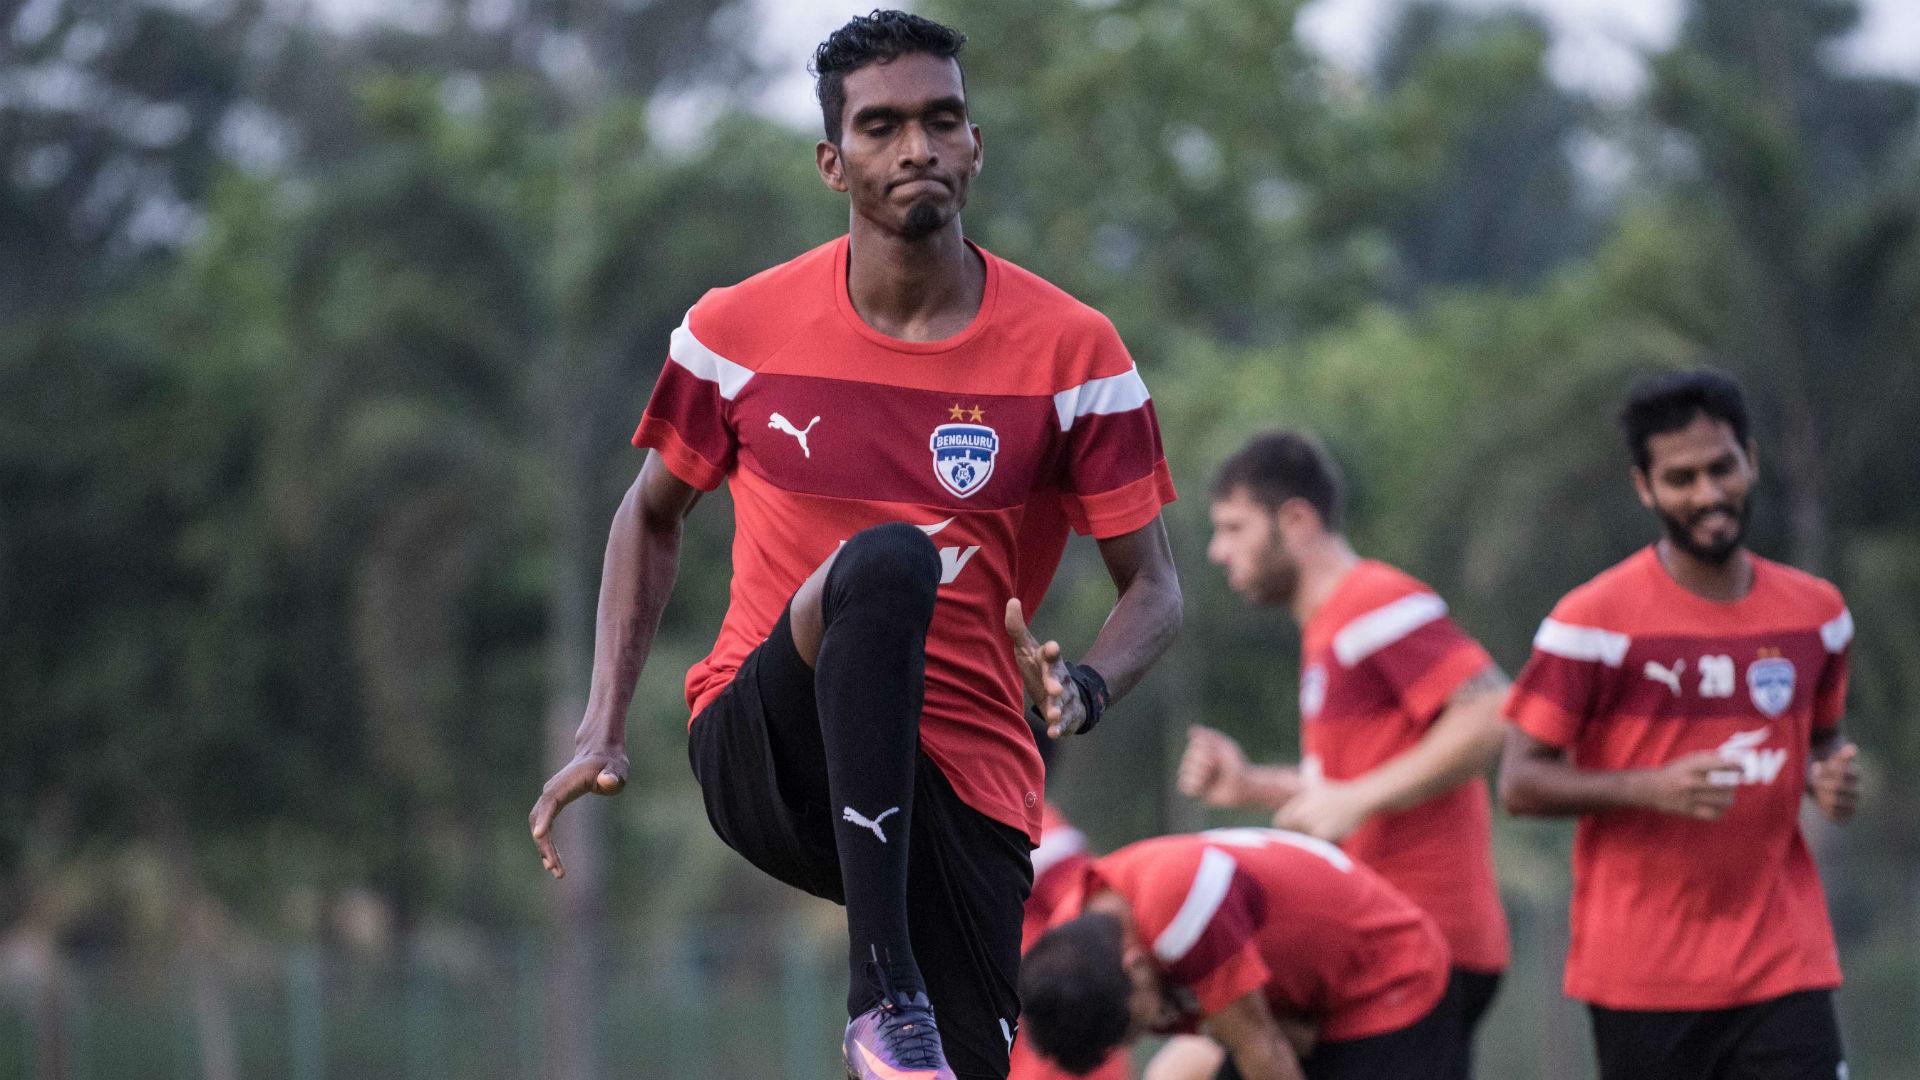 Lenny Rodrigues Bengaluru FC training session